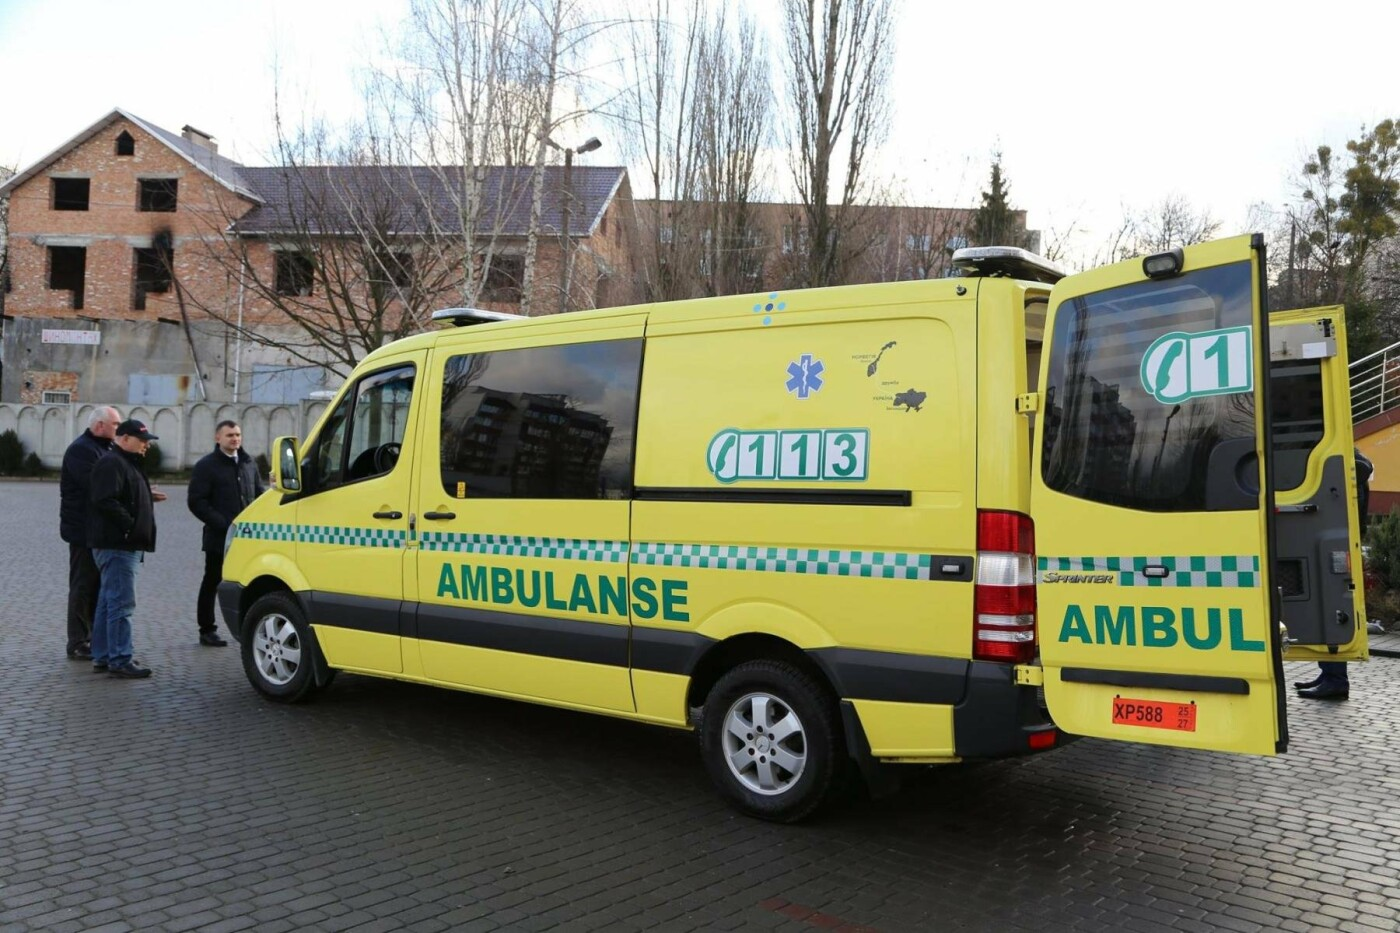 Сучасний реанімобіль відтепер обслуговуватиме маленьких пацієнтів Хмельницької міської дитячої лікарні, фото-9